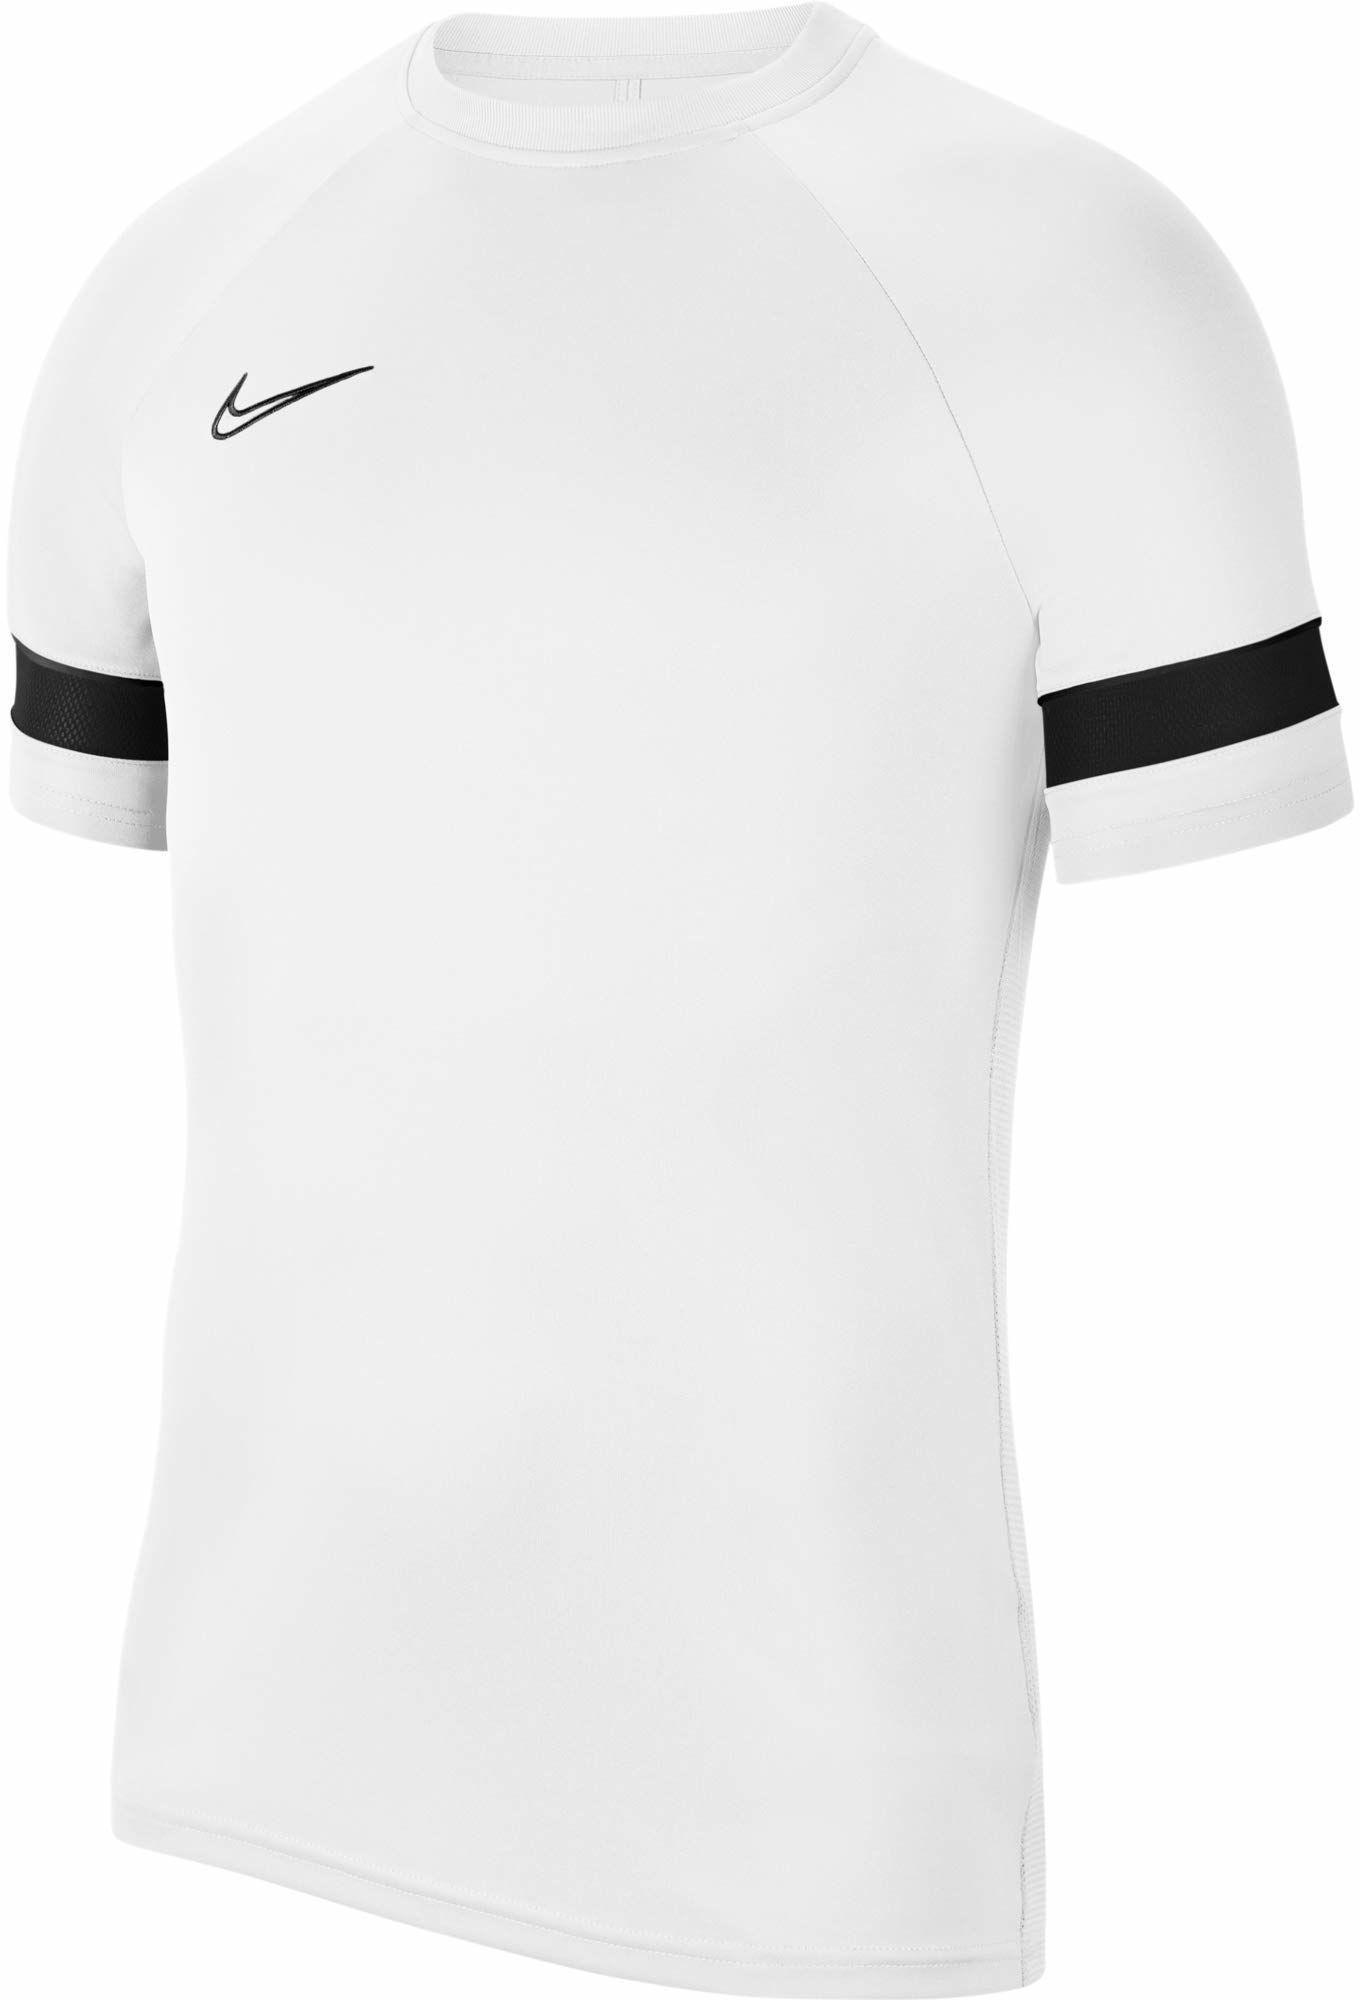 Nike Męska koszulka z krótkim rękawem Dri-FIT Academy 21, biały/czarny/czarny, M